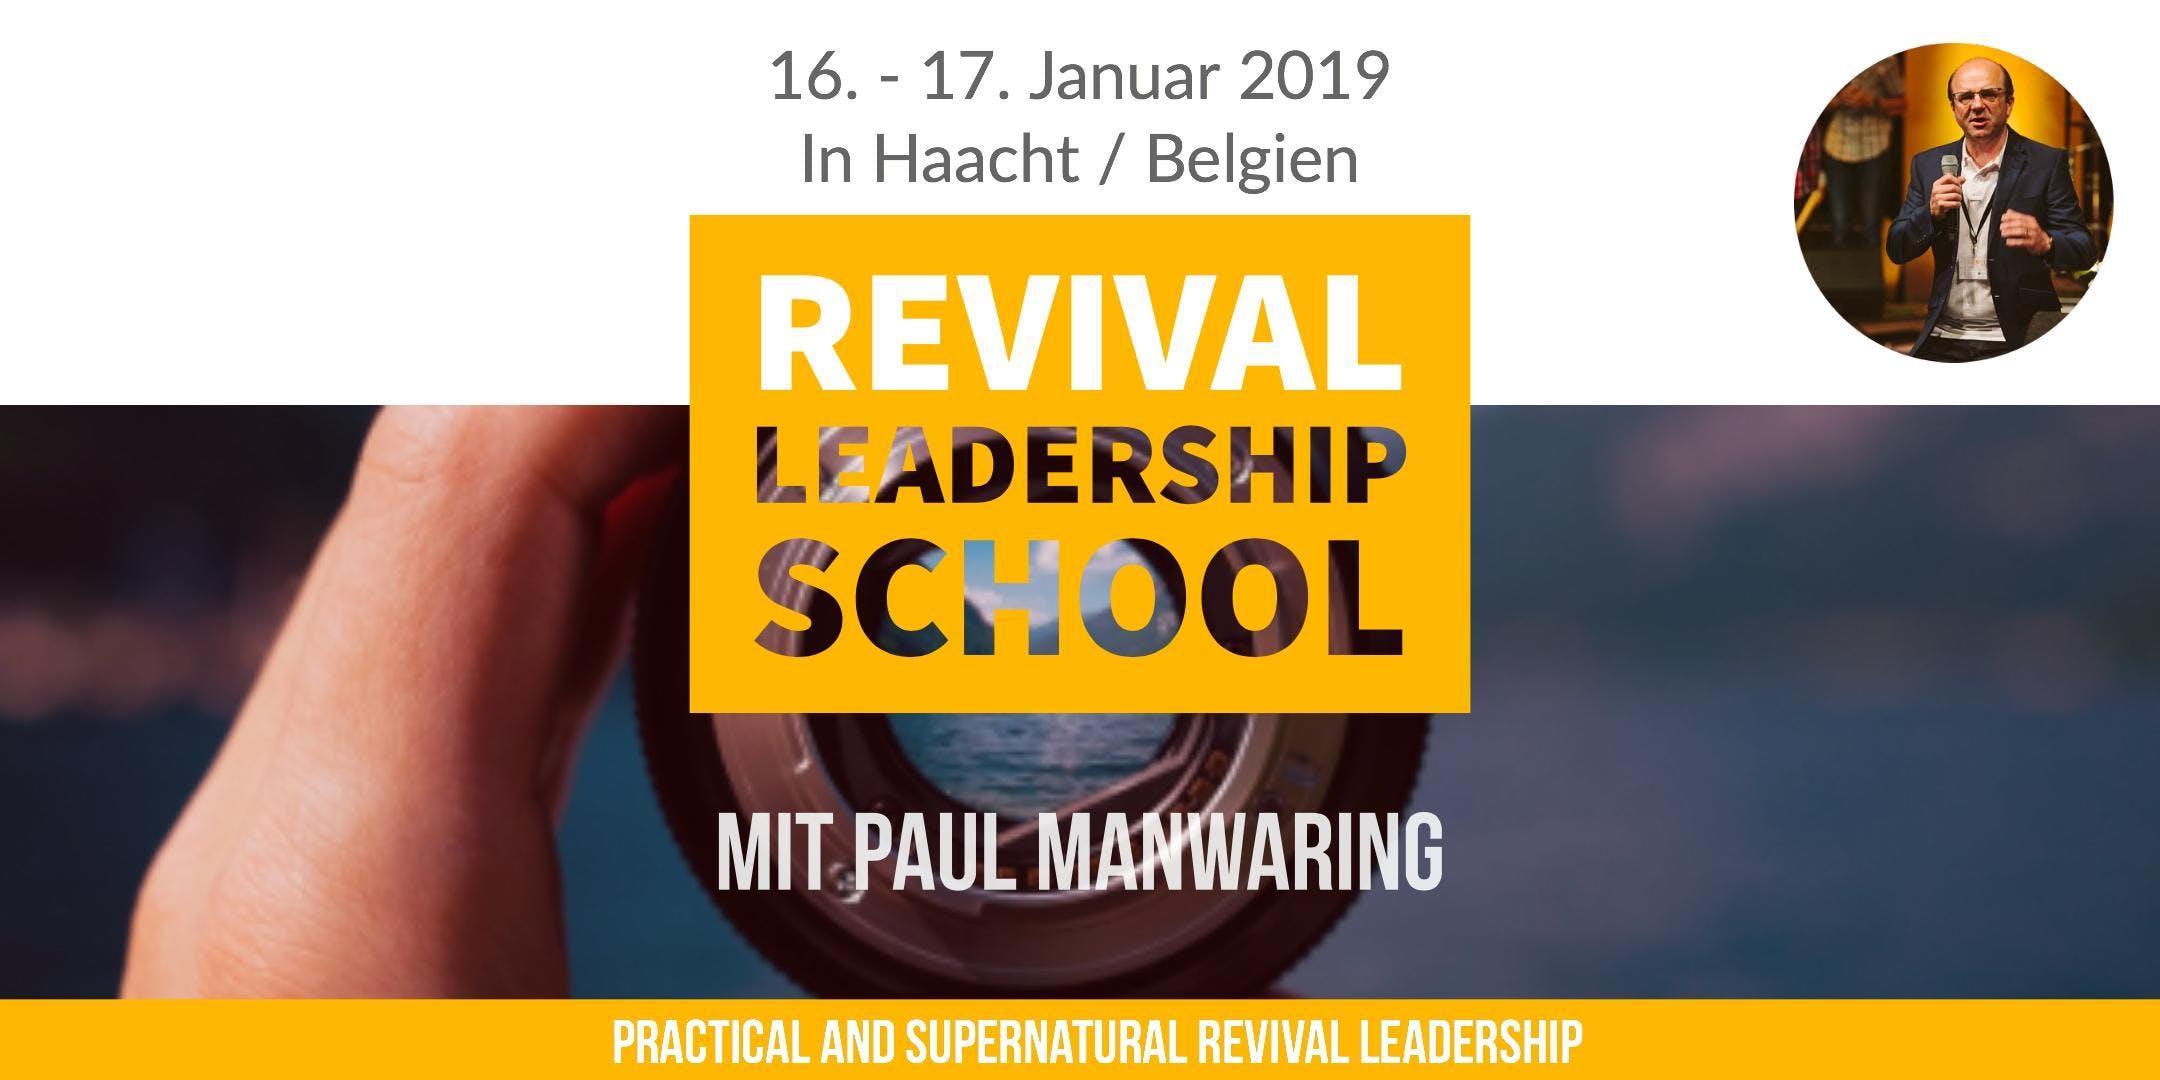 Revival-Leadership Live-School - III